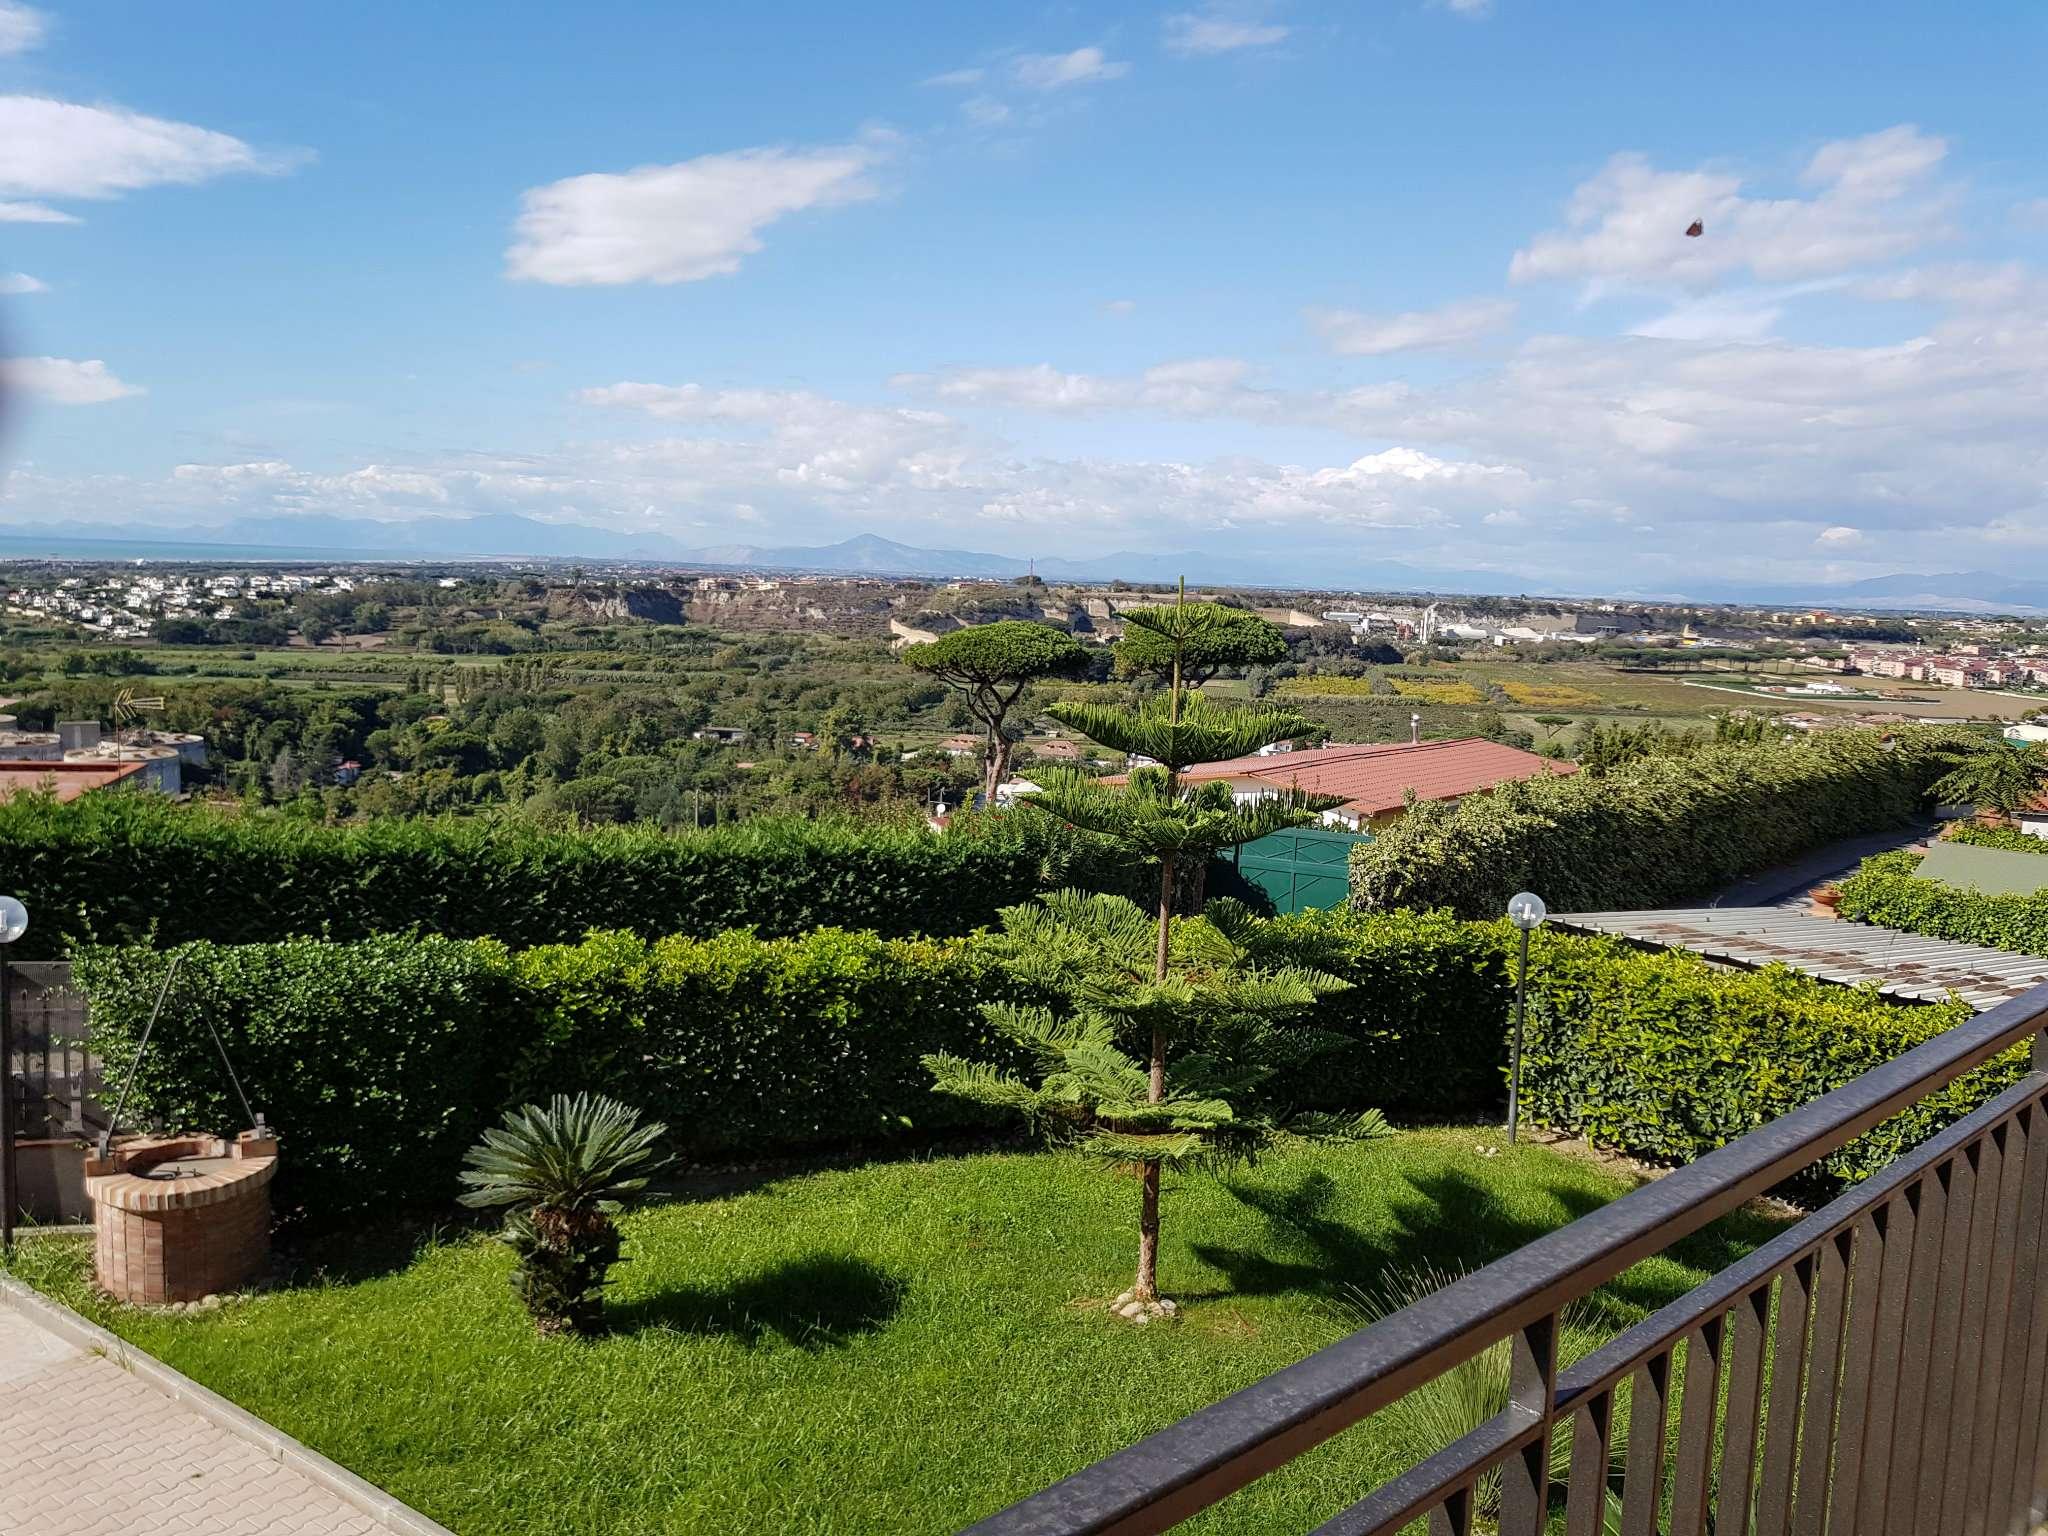 Villa in affitto a Pozzuoli, 7 locali, prezzo € 2.300 | CambioCasa.it